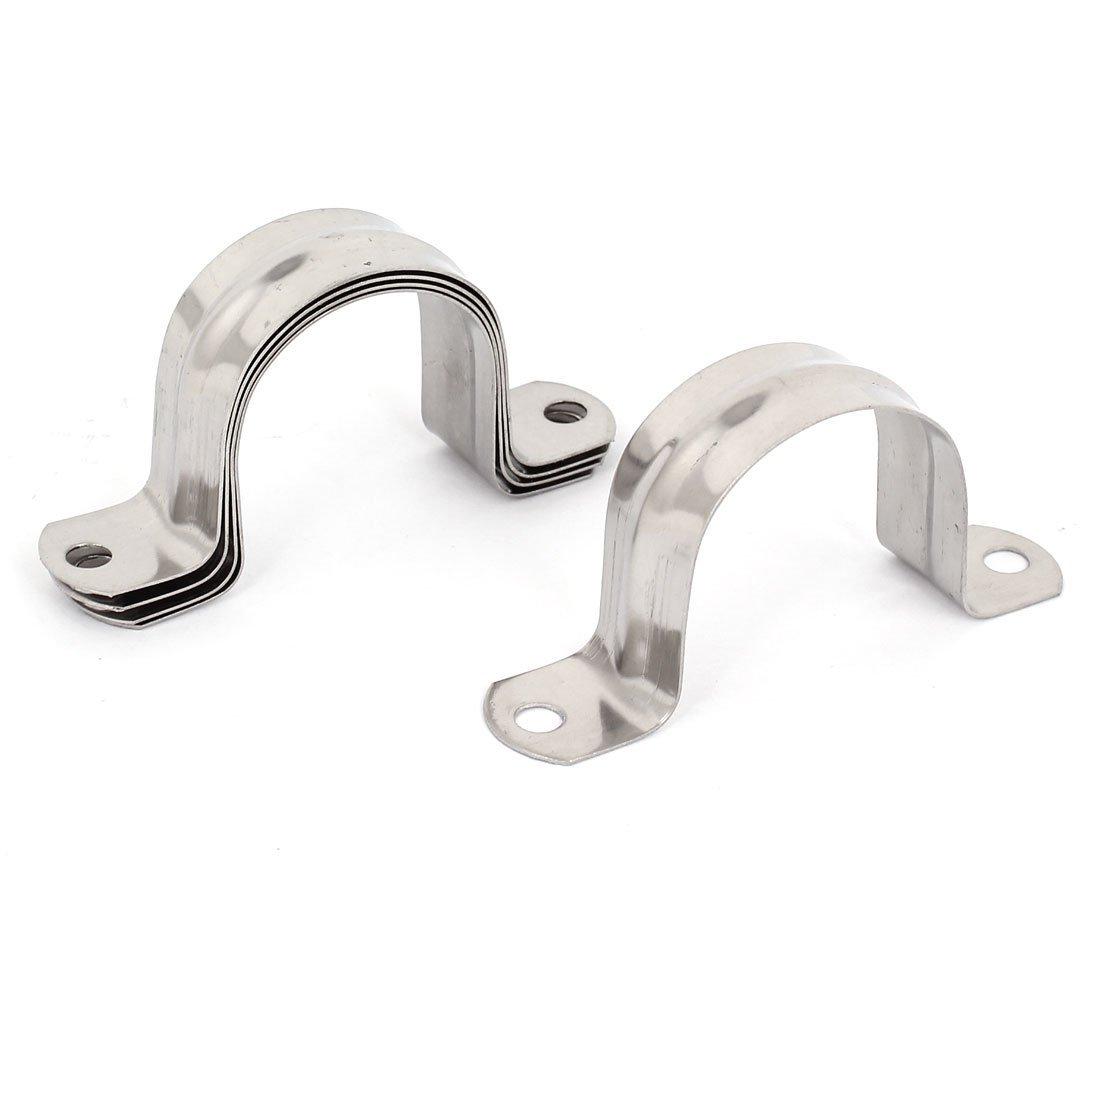 40 mm cao 304 ống thép không gỉ có 5 cái kẹp fasteners clip